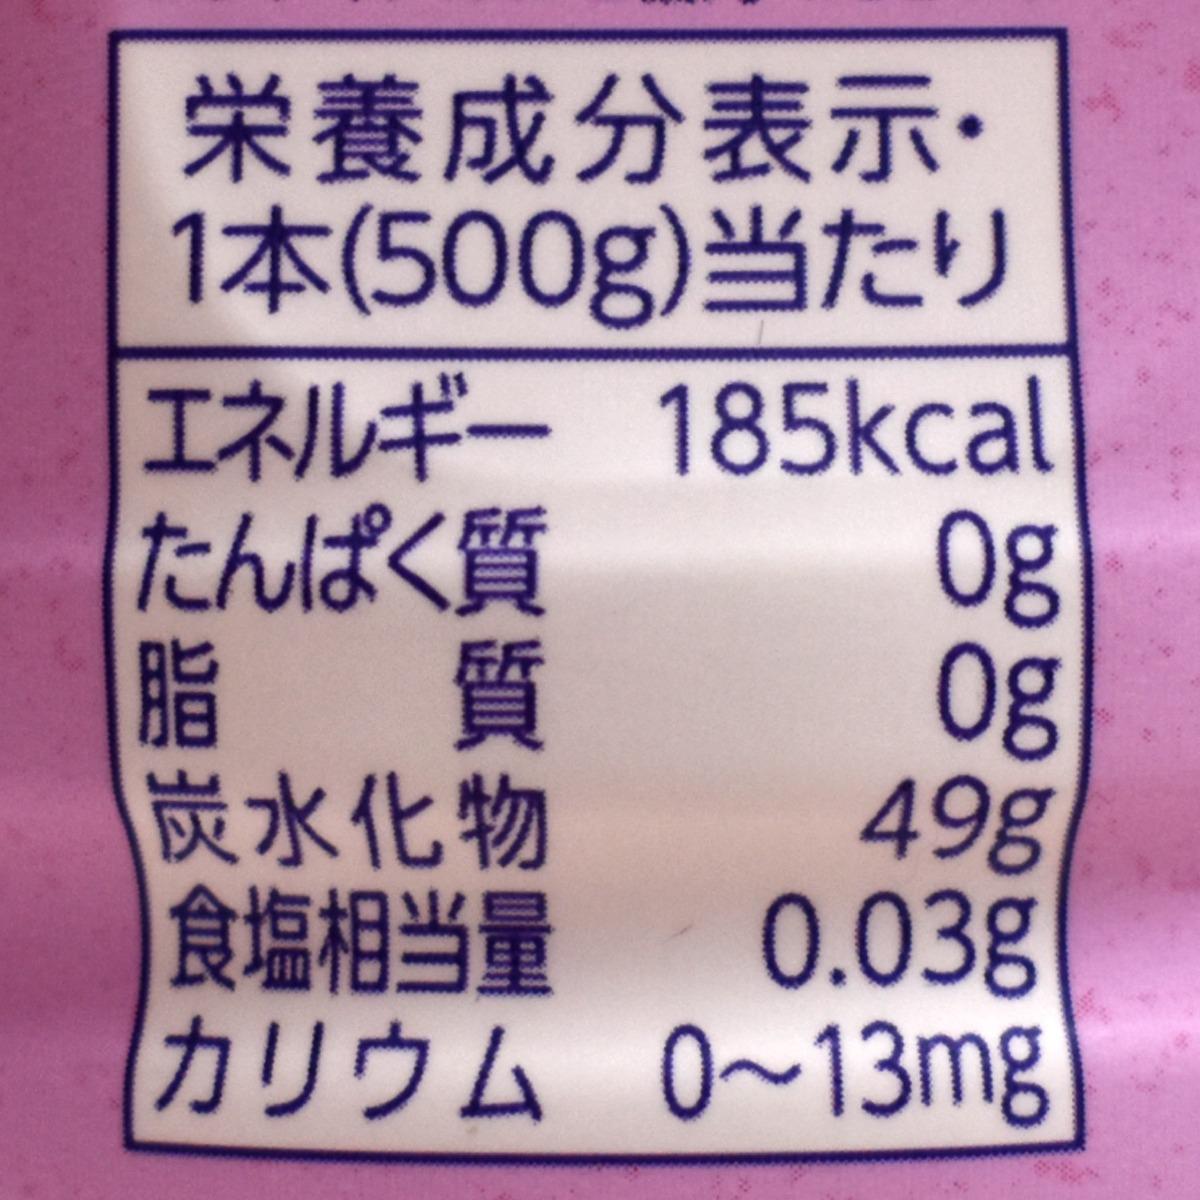 伊藤園日本の果実 3種の国産ぶどうの栄養成分表示